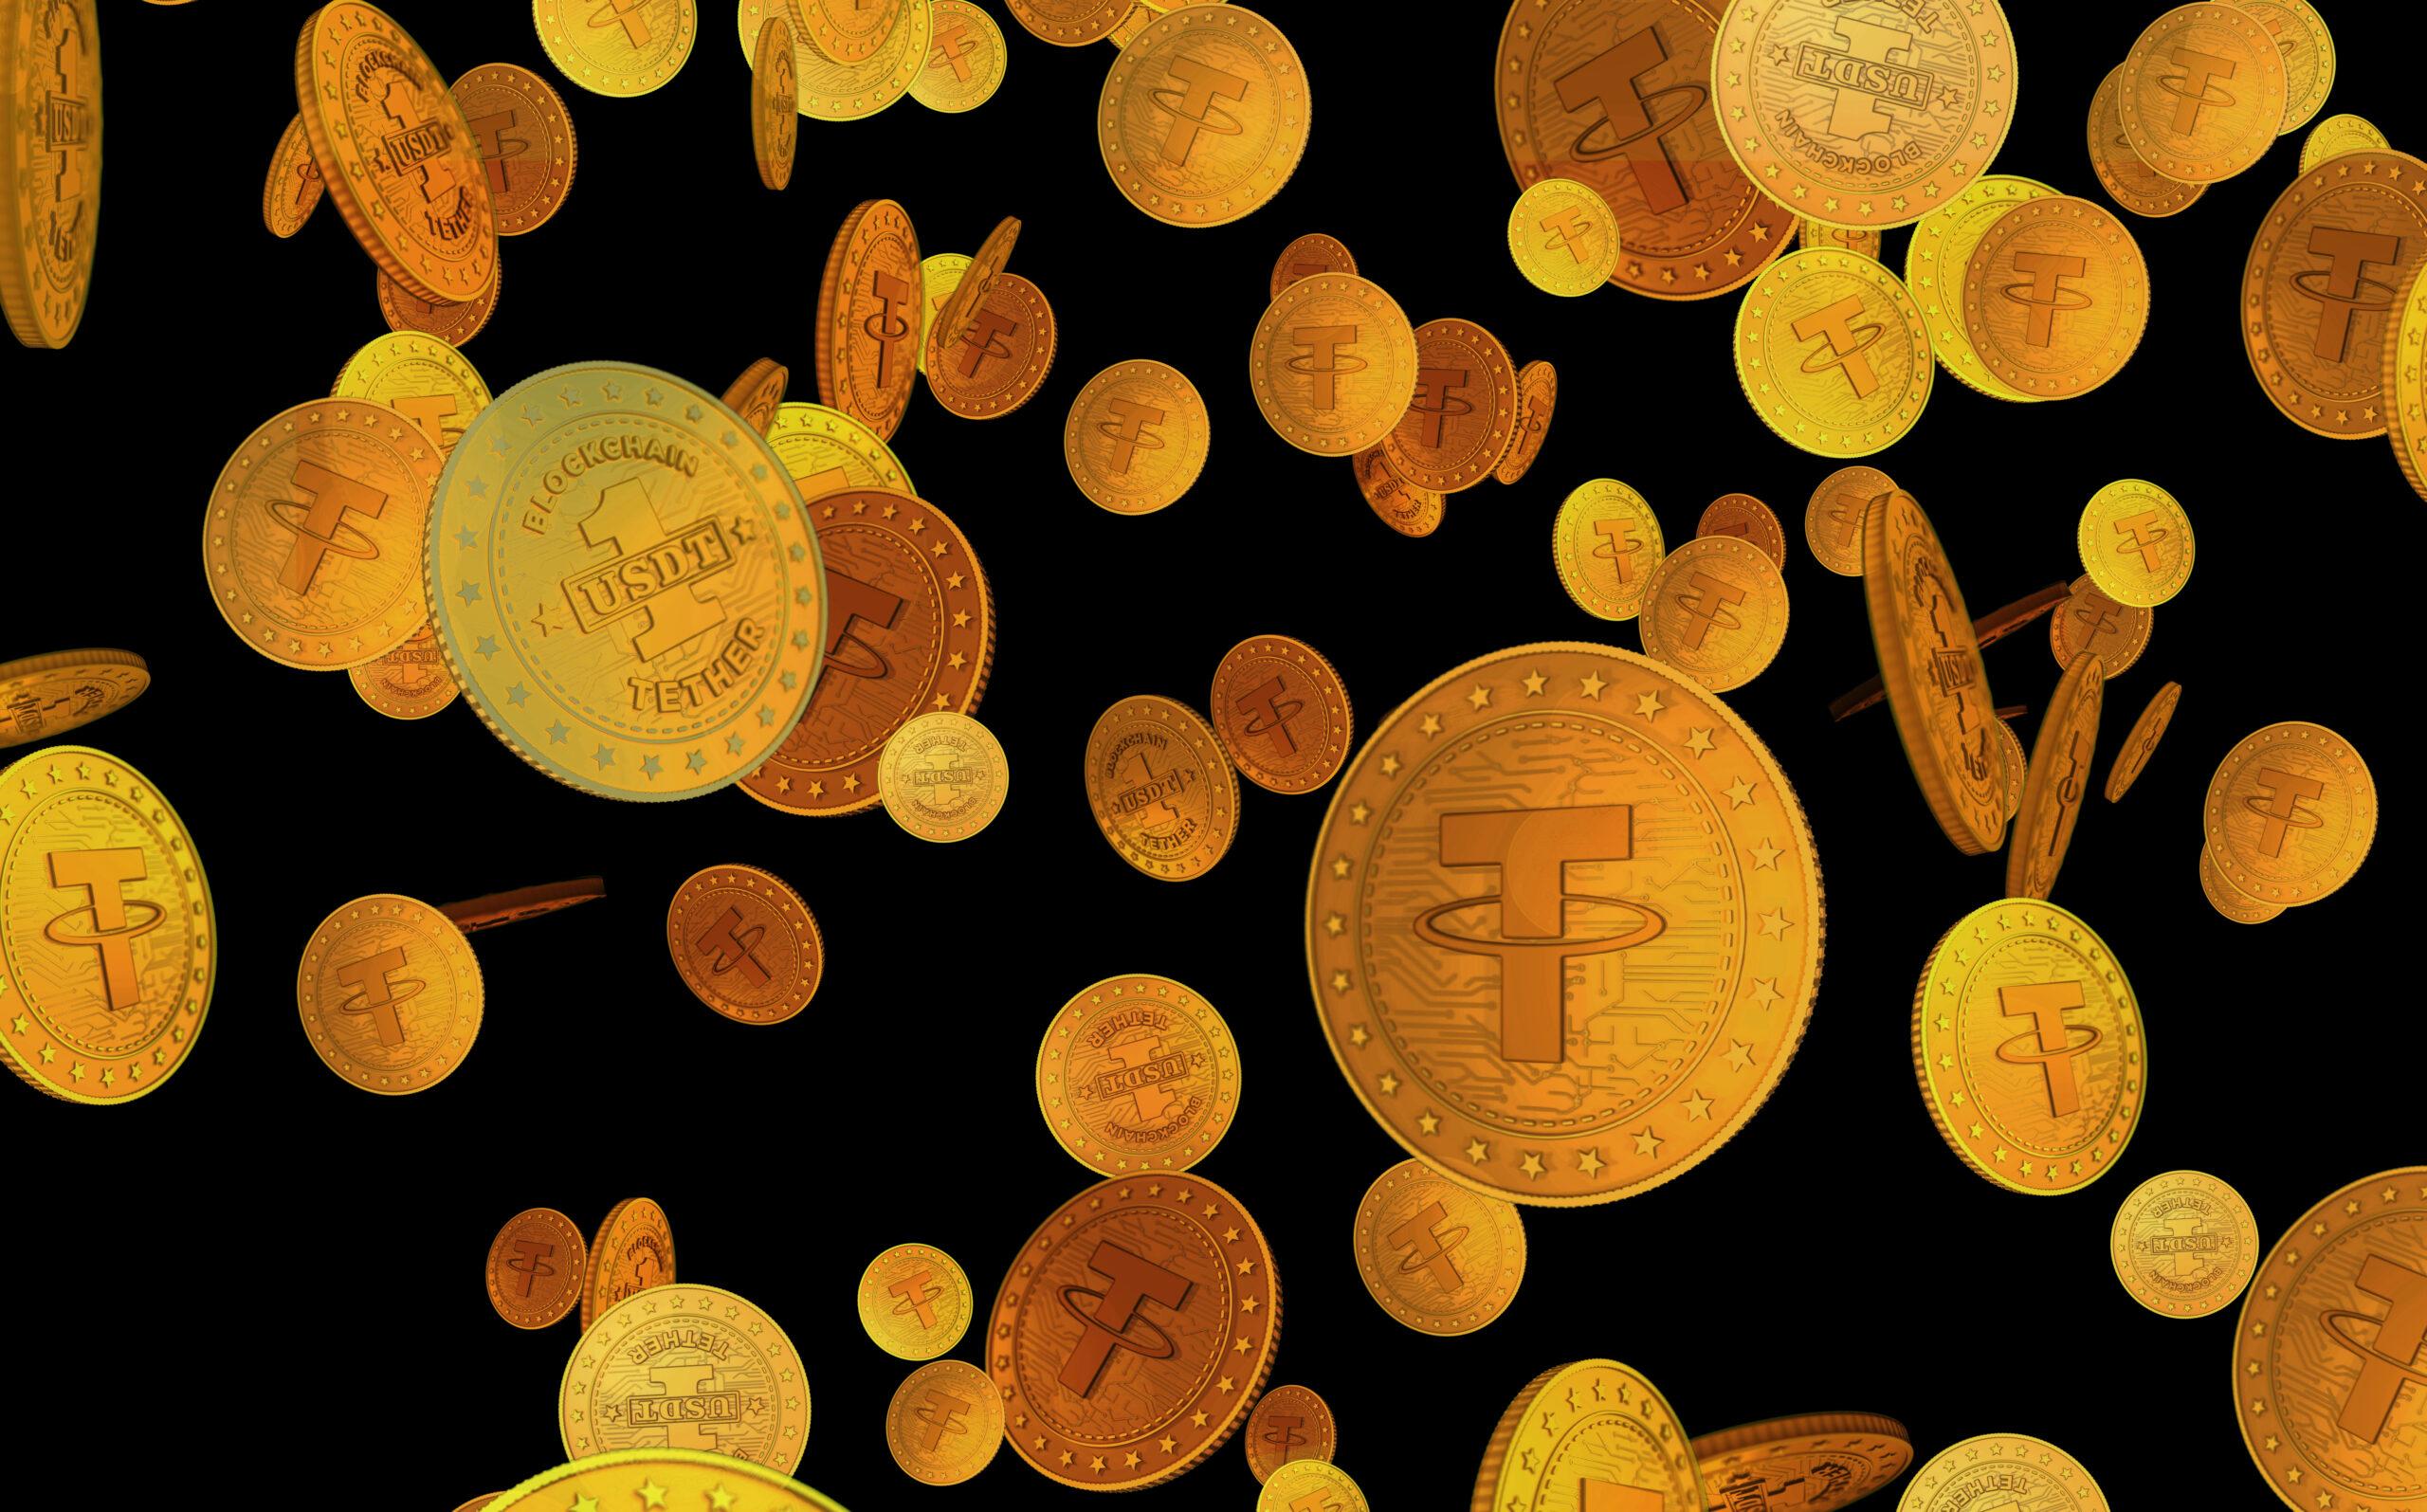 ステーブルコインについて知っておくべきこと